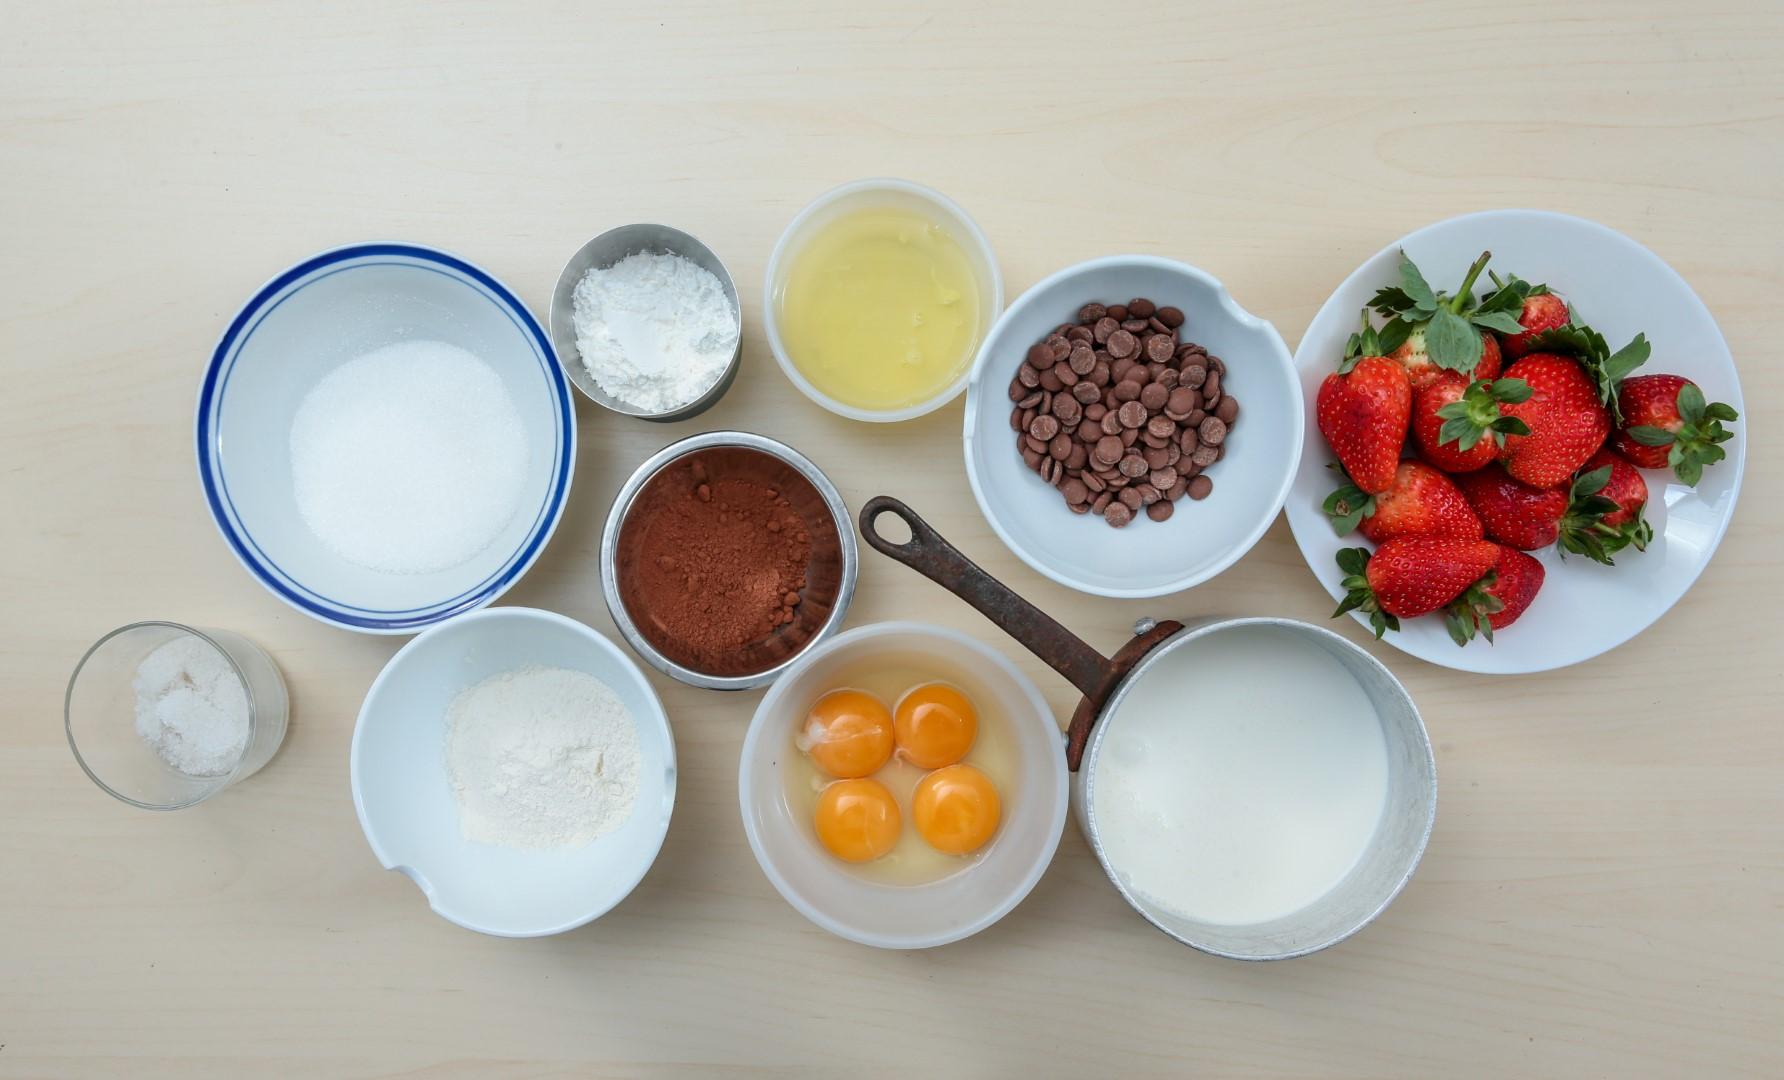 מתכון לרולדת תותים (צילום: ירון ברנר)